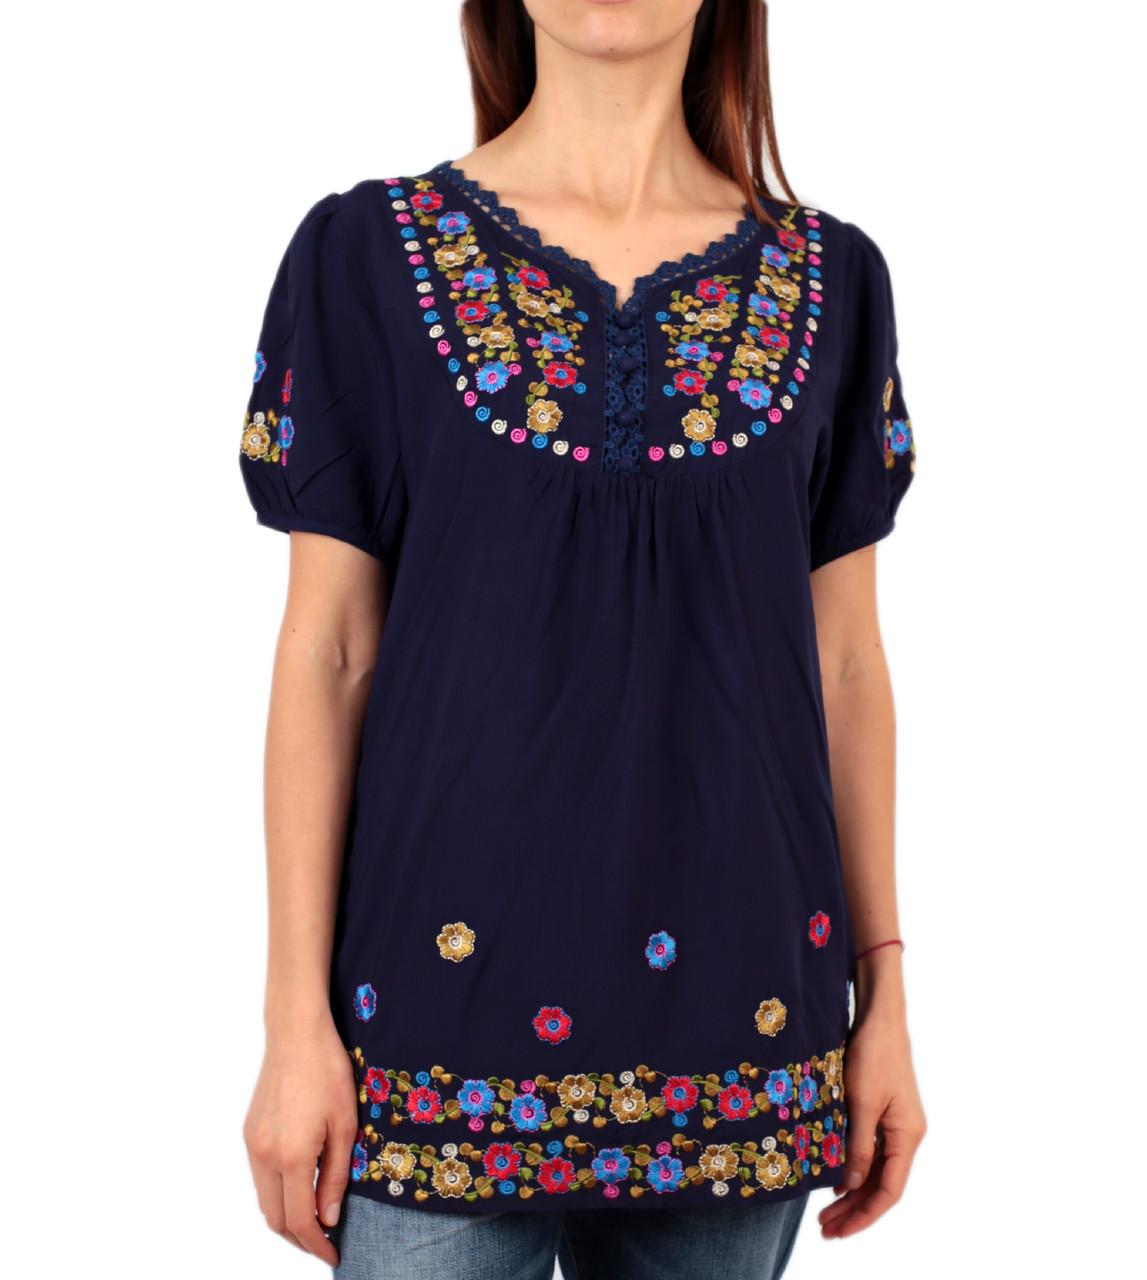 Жіноча вишита туніка на штапельній тканині синього кольору на короткий рукав